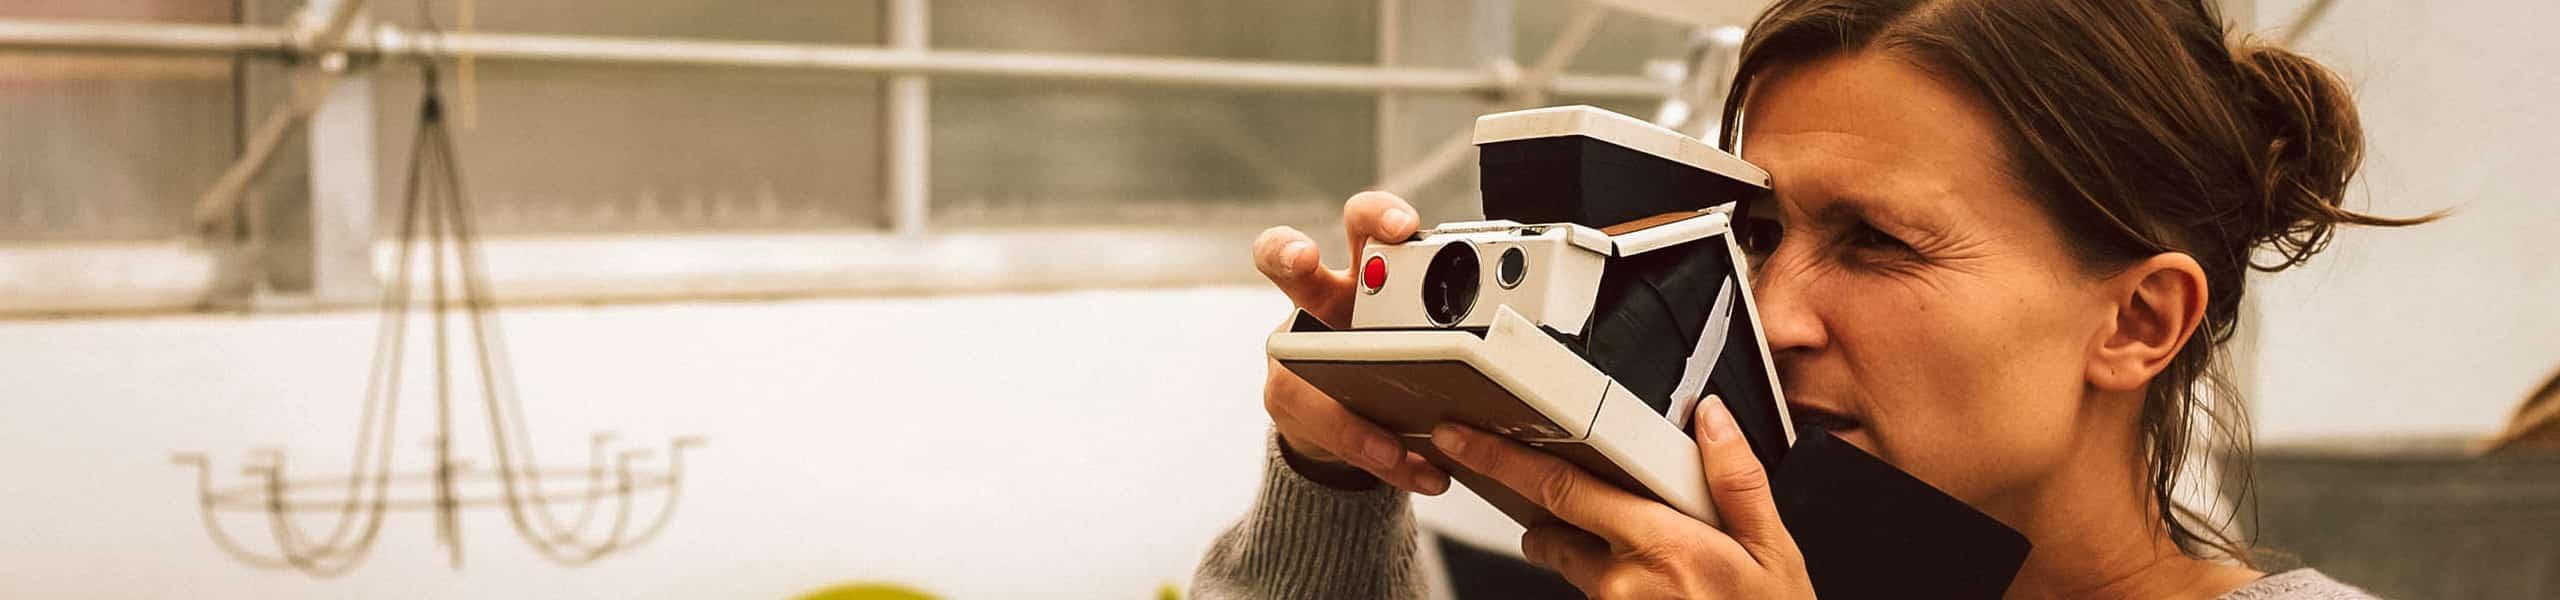 Evi Lemberger beim Fotografieren